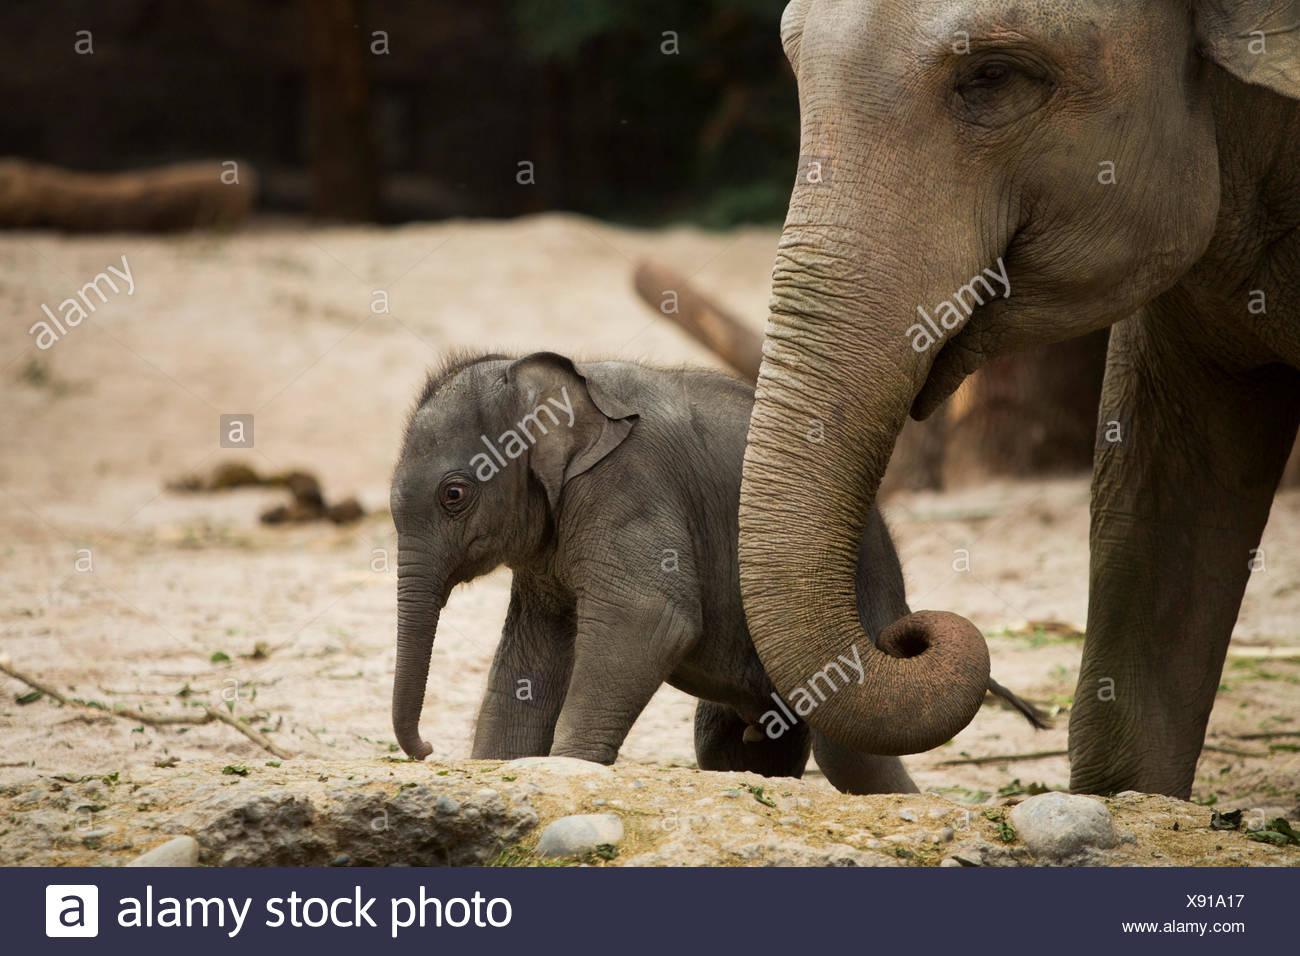 Les animaux, les éléphants, les jeunes, l'éléphant, le zoo de Zurich, animaux, animal, zoo, le canton de Zurich, Suisse, Europe, Photo Stock